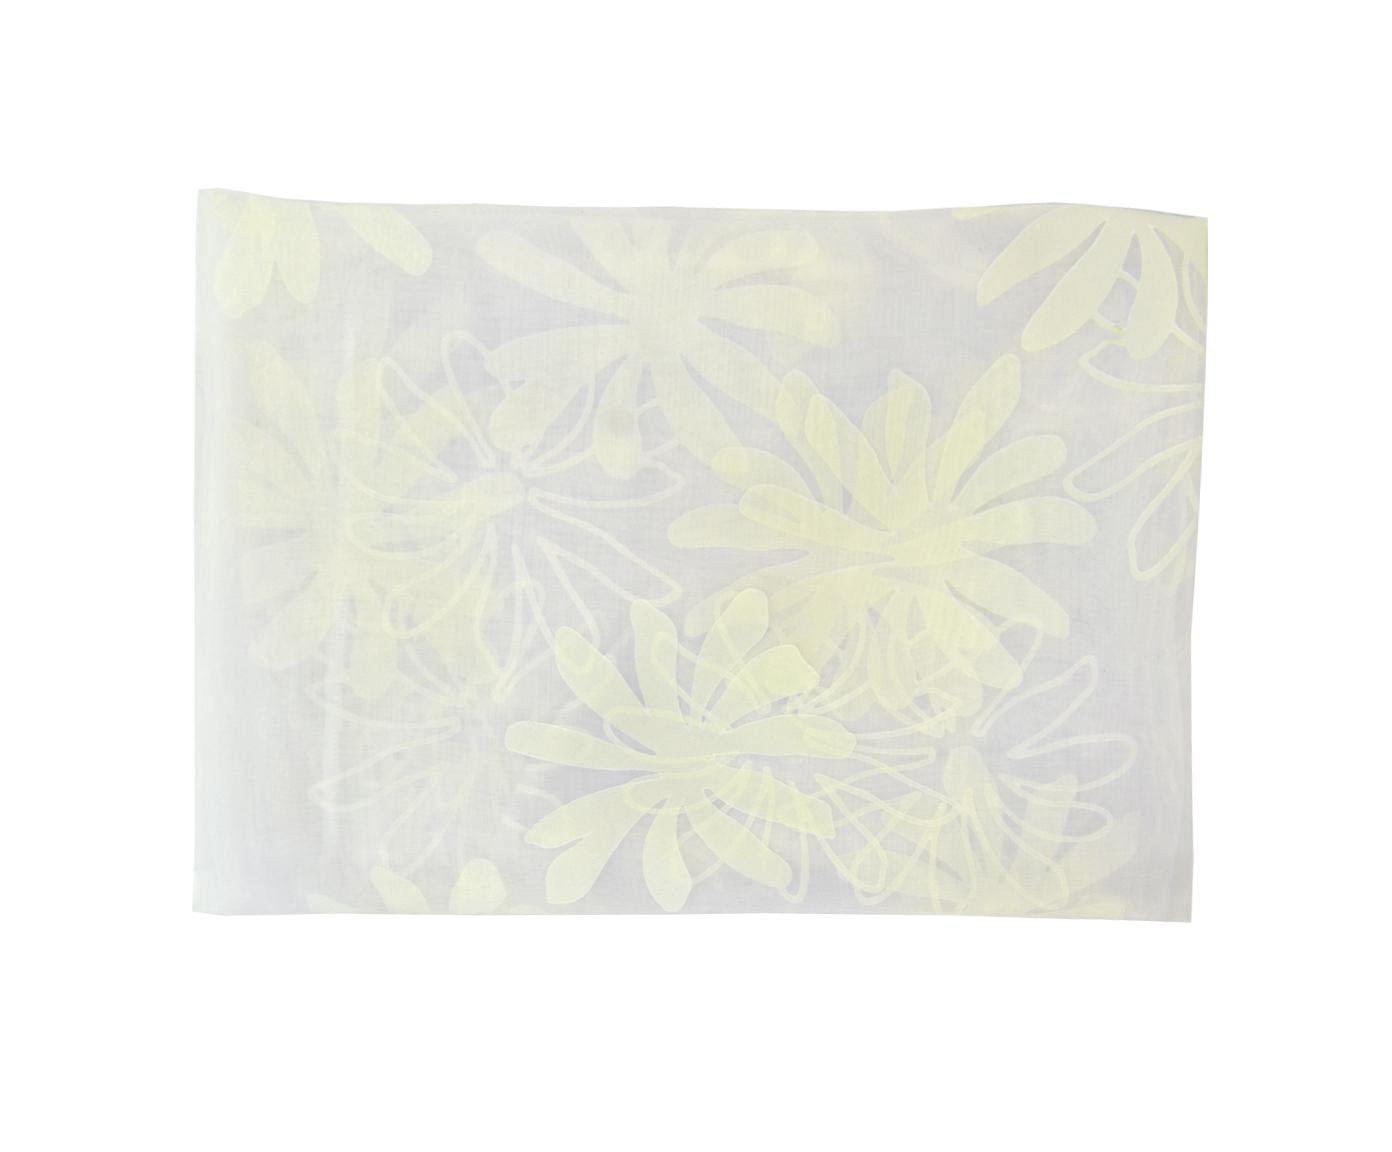 Комплект тюль для кухни Белое цветениеШторы<br>Тюль легкая на окно на тесьме для крючков<br><br>Material: Тюль<br>Width см: 150<br>Height см: 200